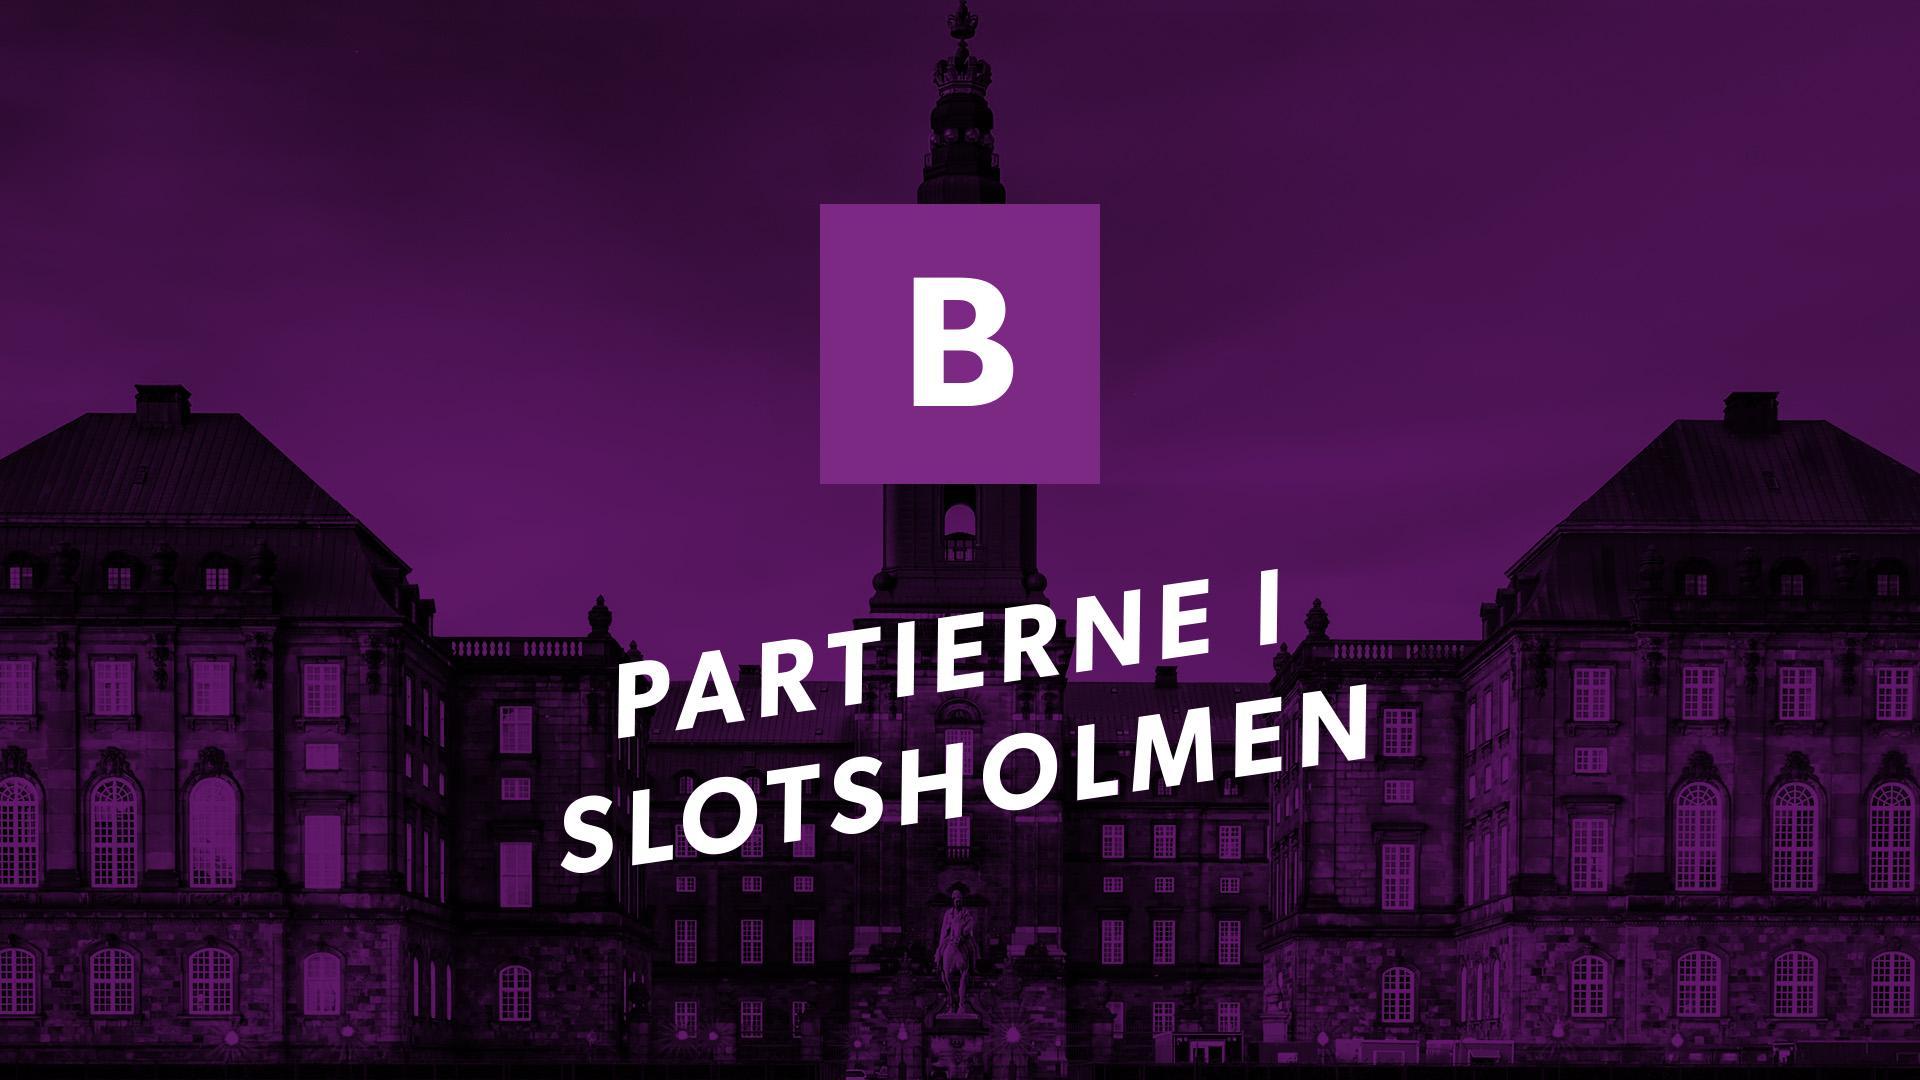 Partierne i Slotsholmen: Det Radikale Venstre